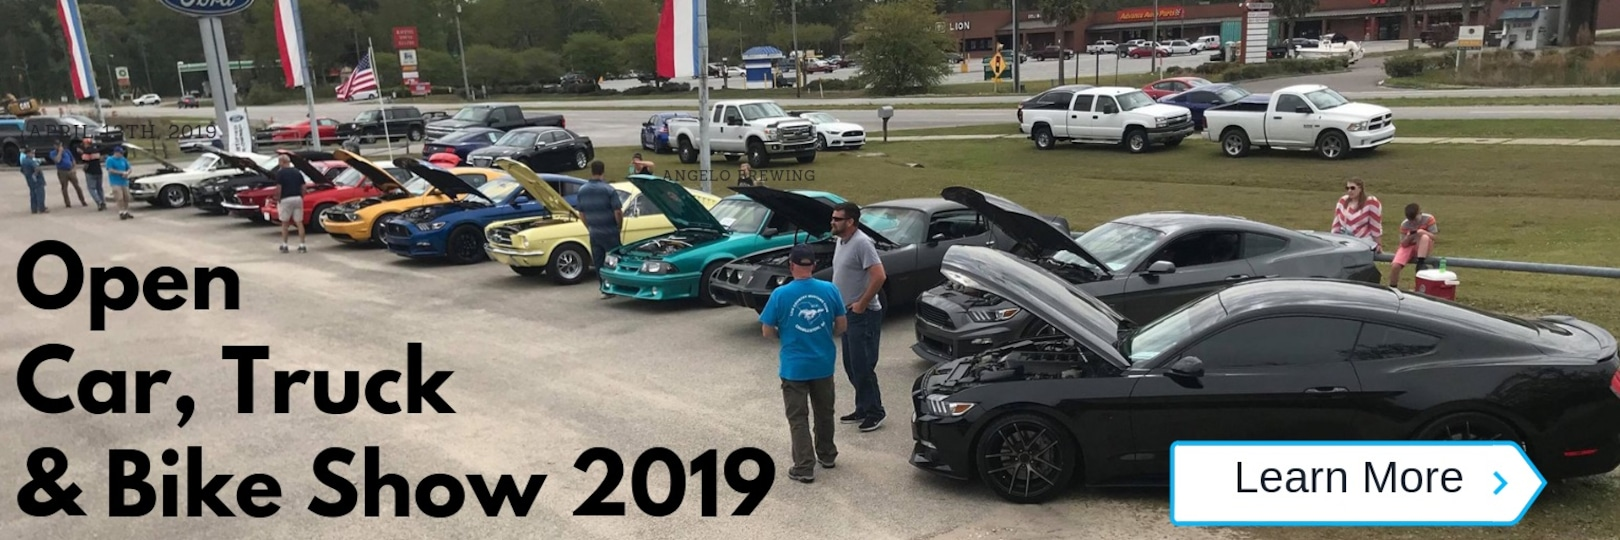 Used Car Dealerships In Charleston Sc >> Ravenel Ford Inc | New Ford and Used Car Dealer in Ravenel ...